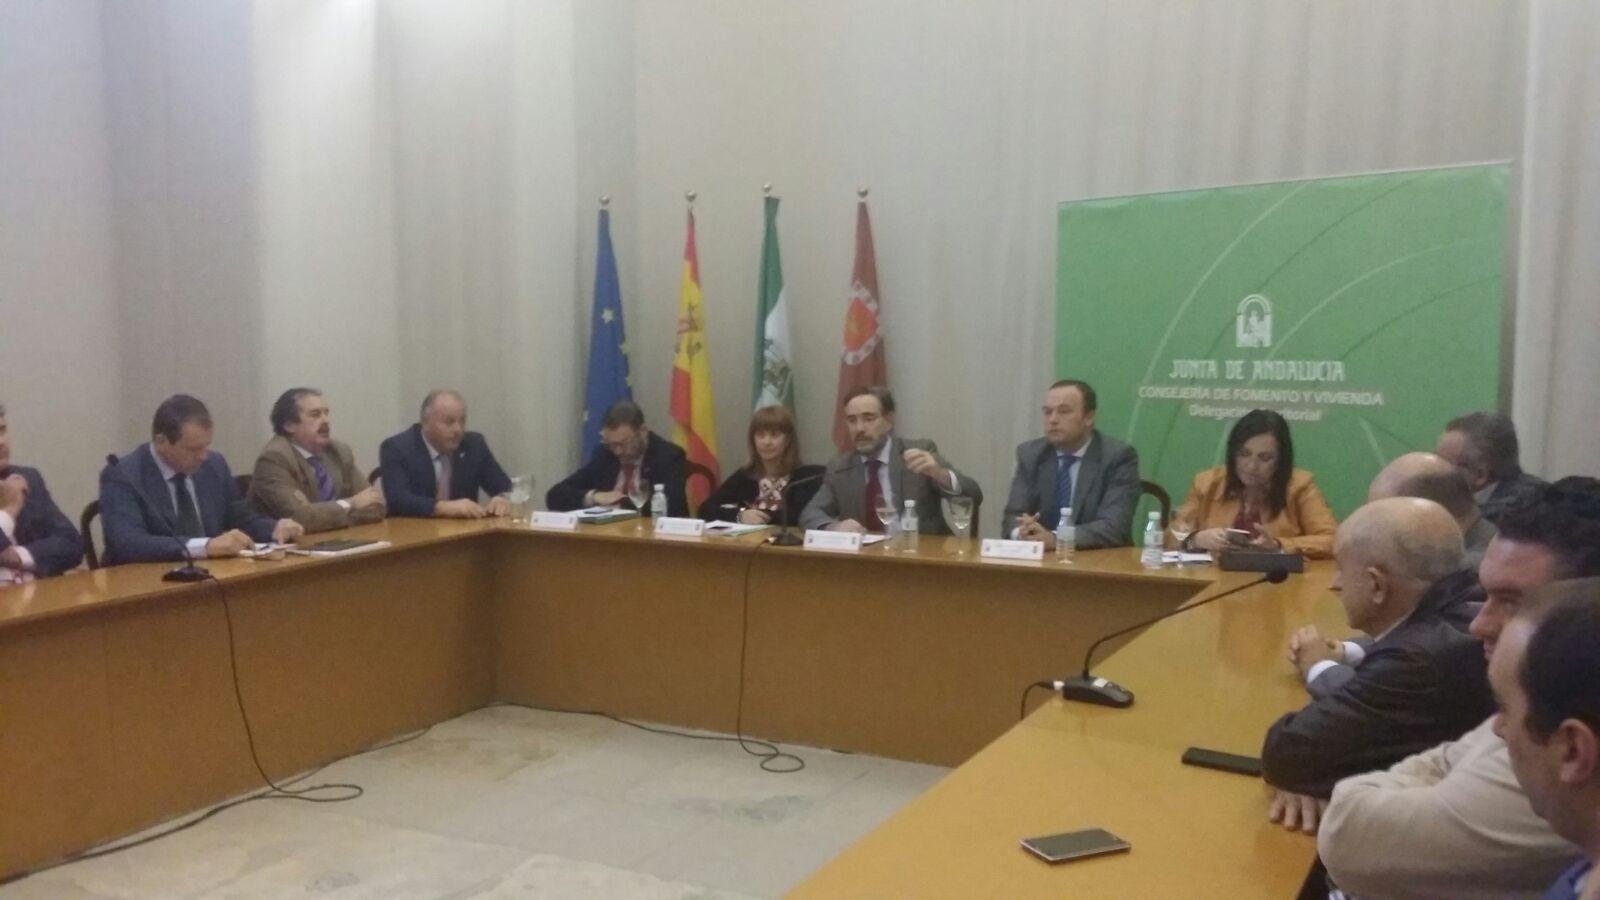 El consejero de Fomento durante el encuentro con representantes empresariales de Jaén.